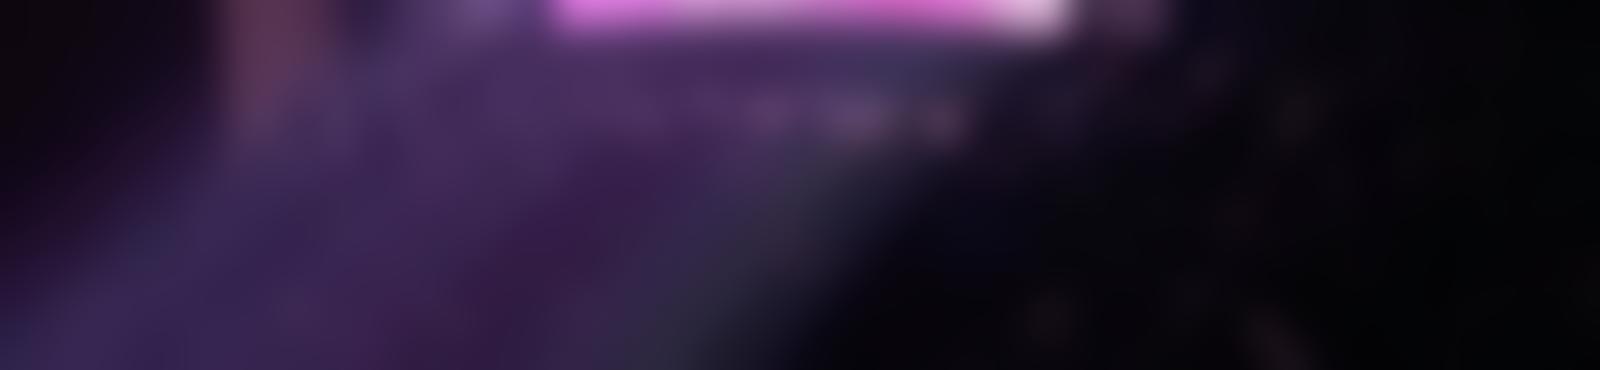 Blurred a46c2a79 3656 498e b833 5fdddf76ca8a